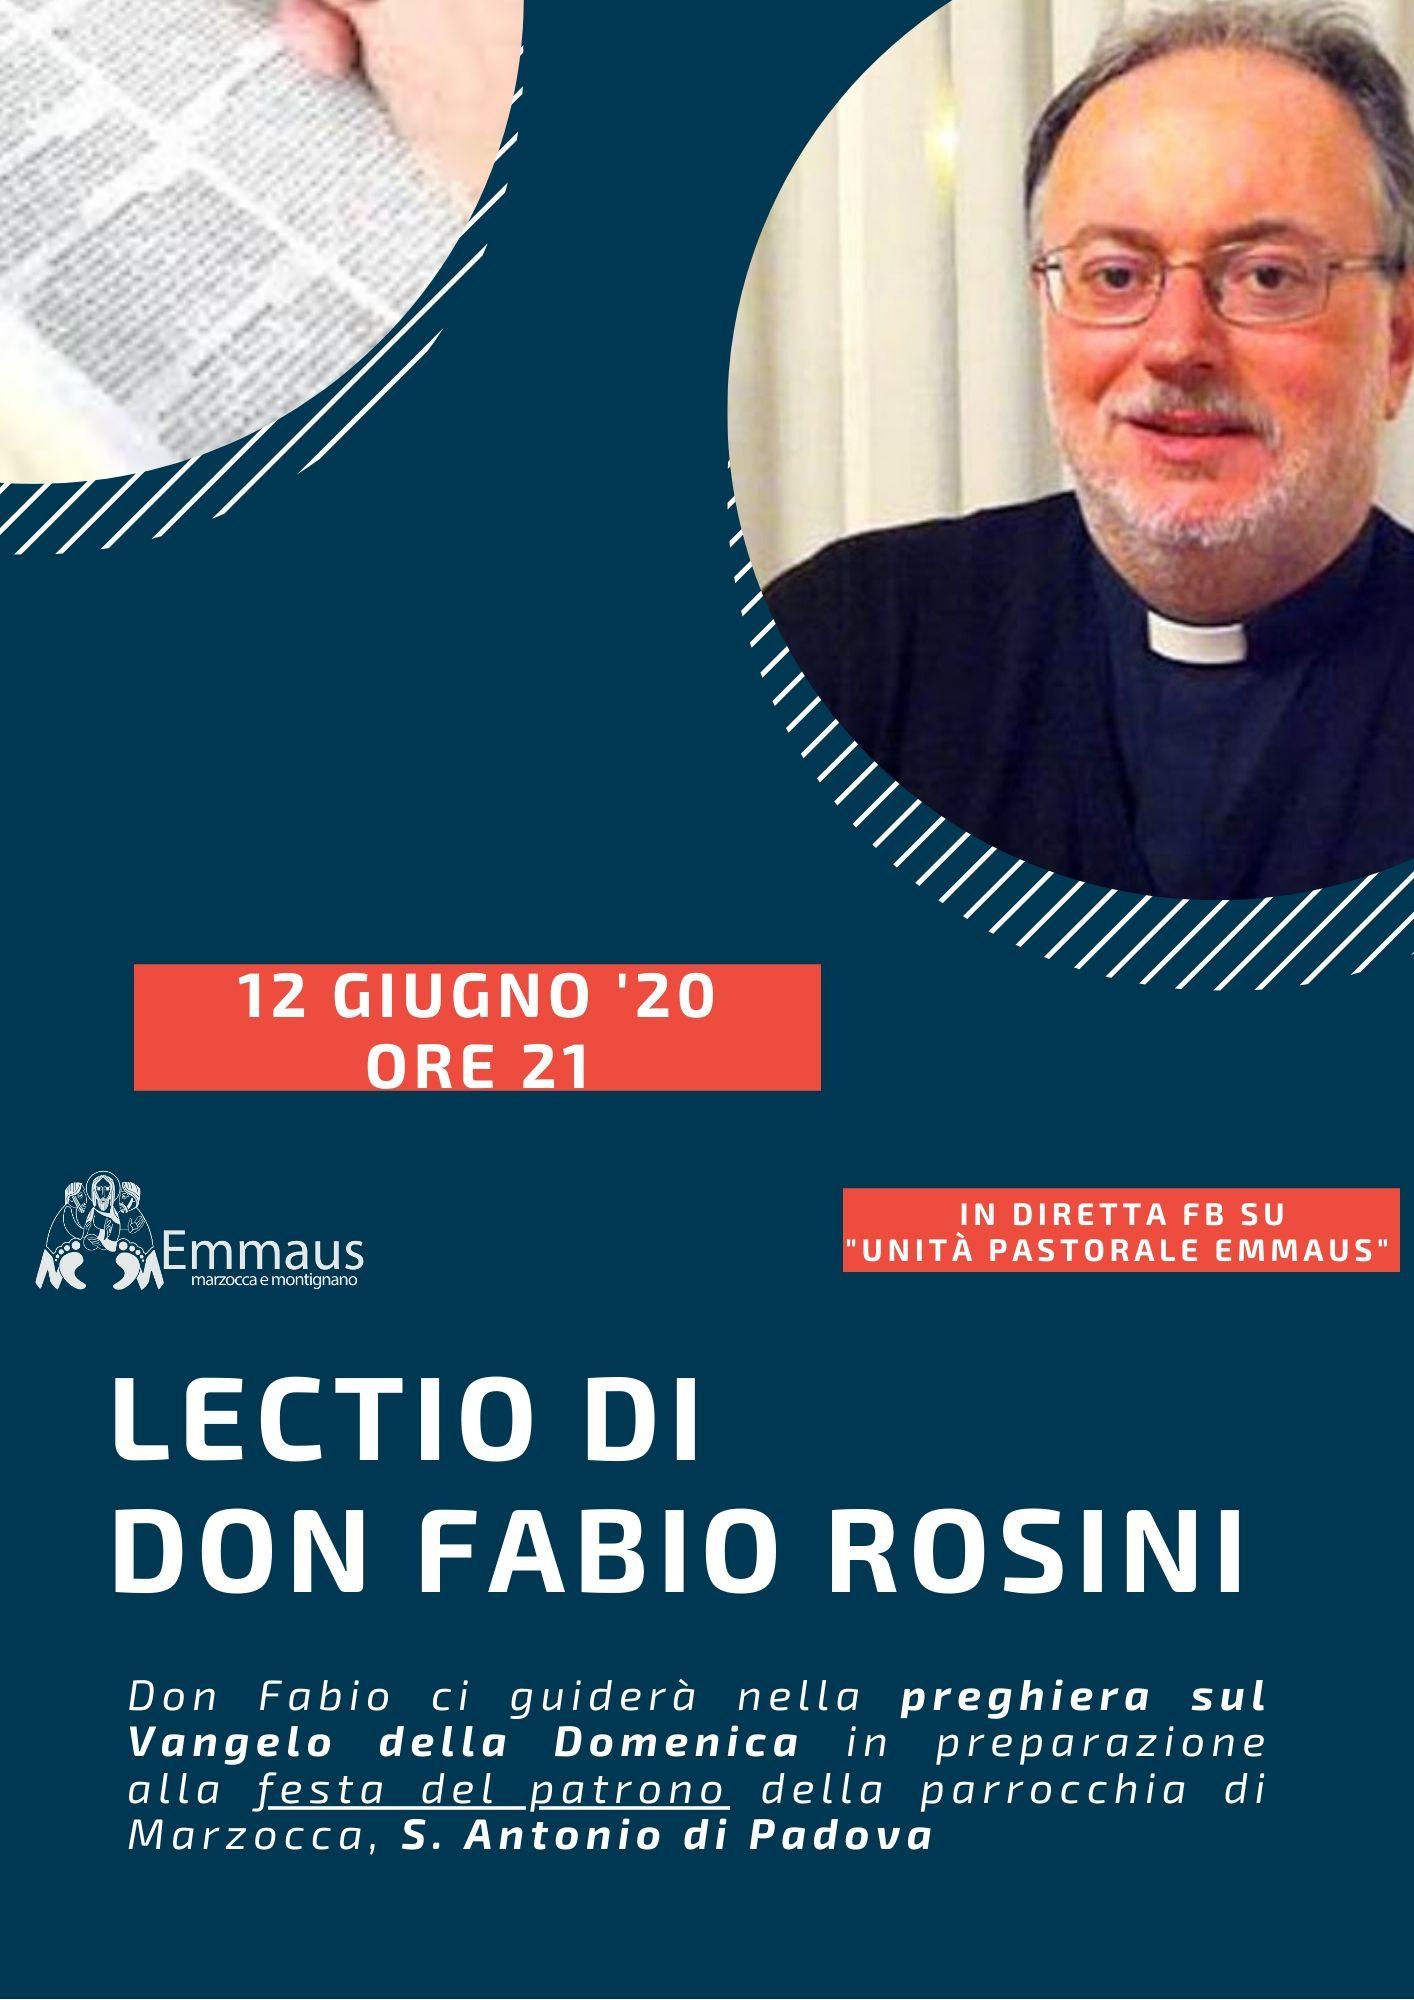 Lectio Divina di don Fabio Rosini